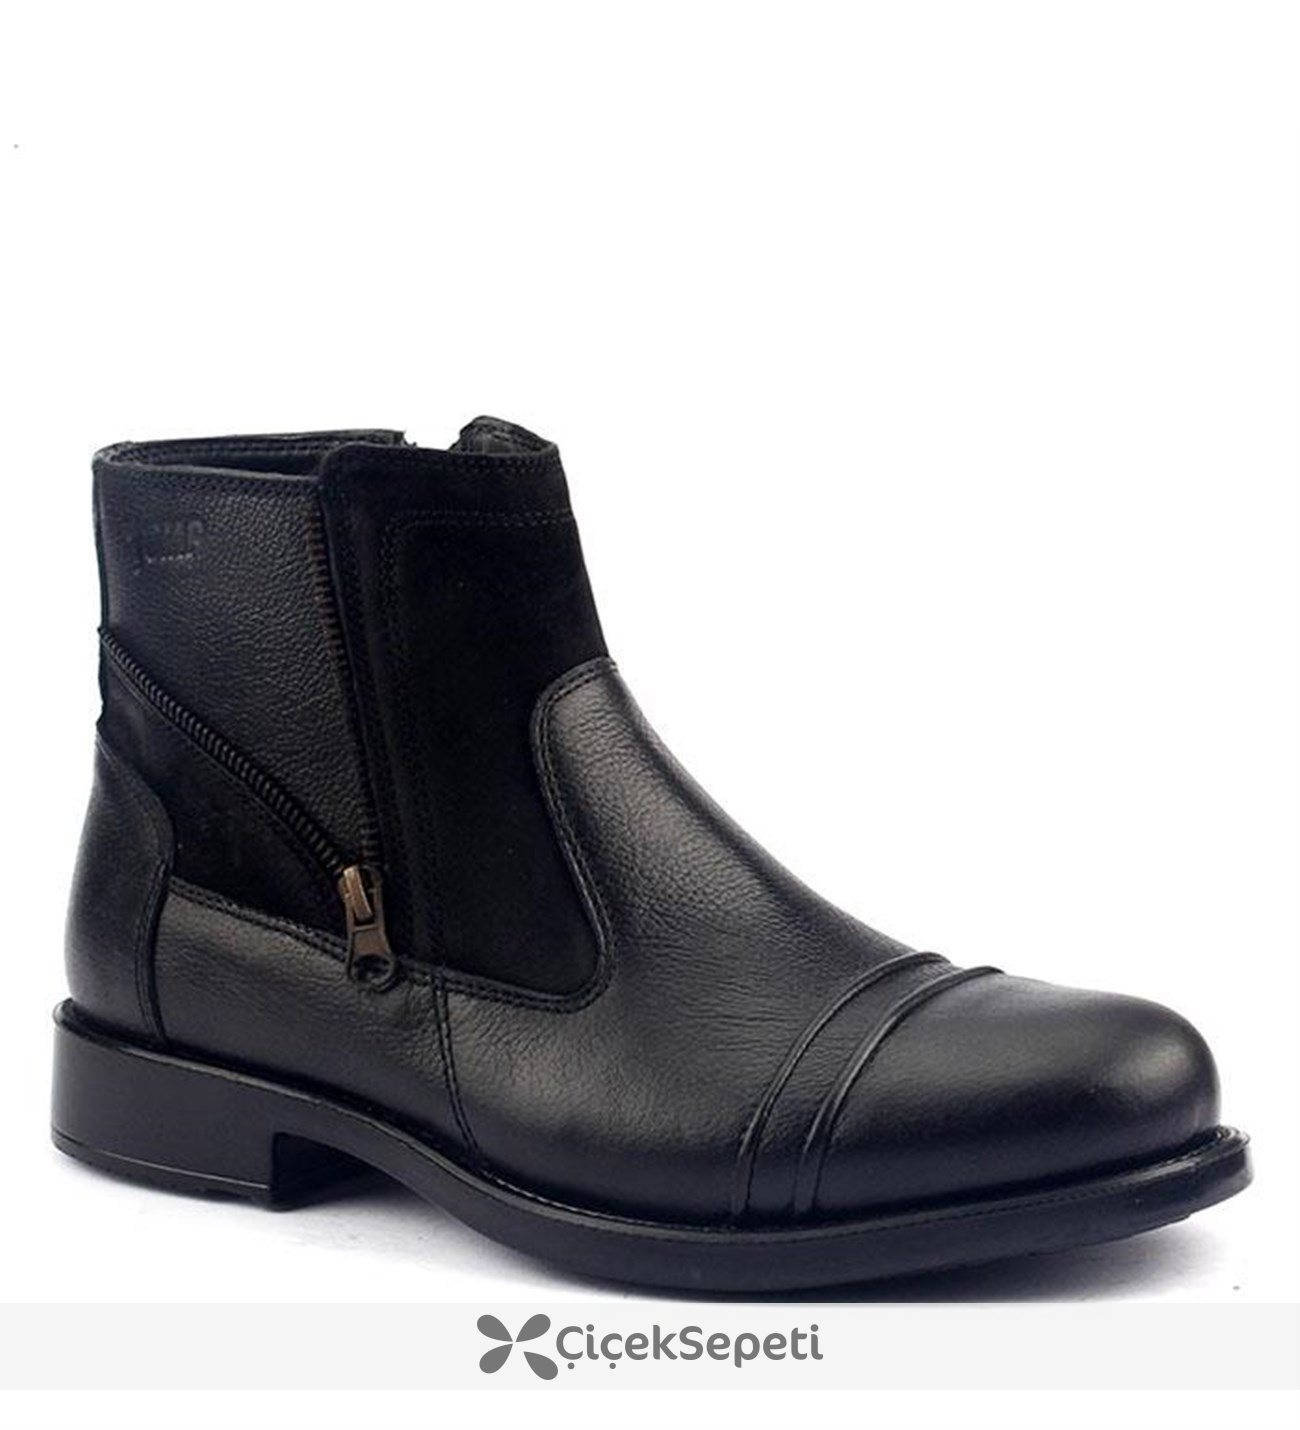 Jump 14477-A Günlük %100 Deri Termo Taban Erkek Bot Ayakkabı Siyah